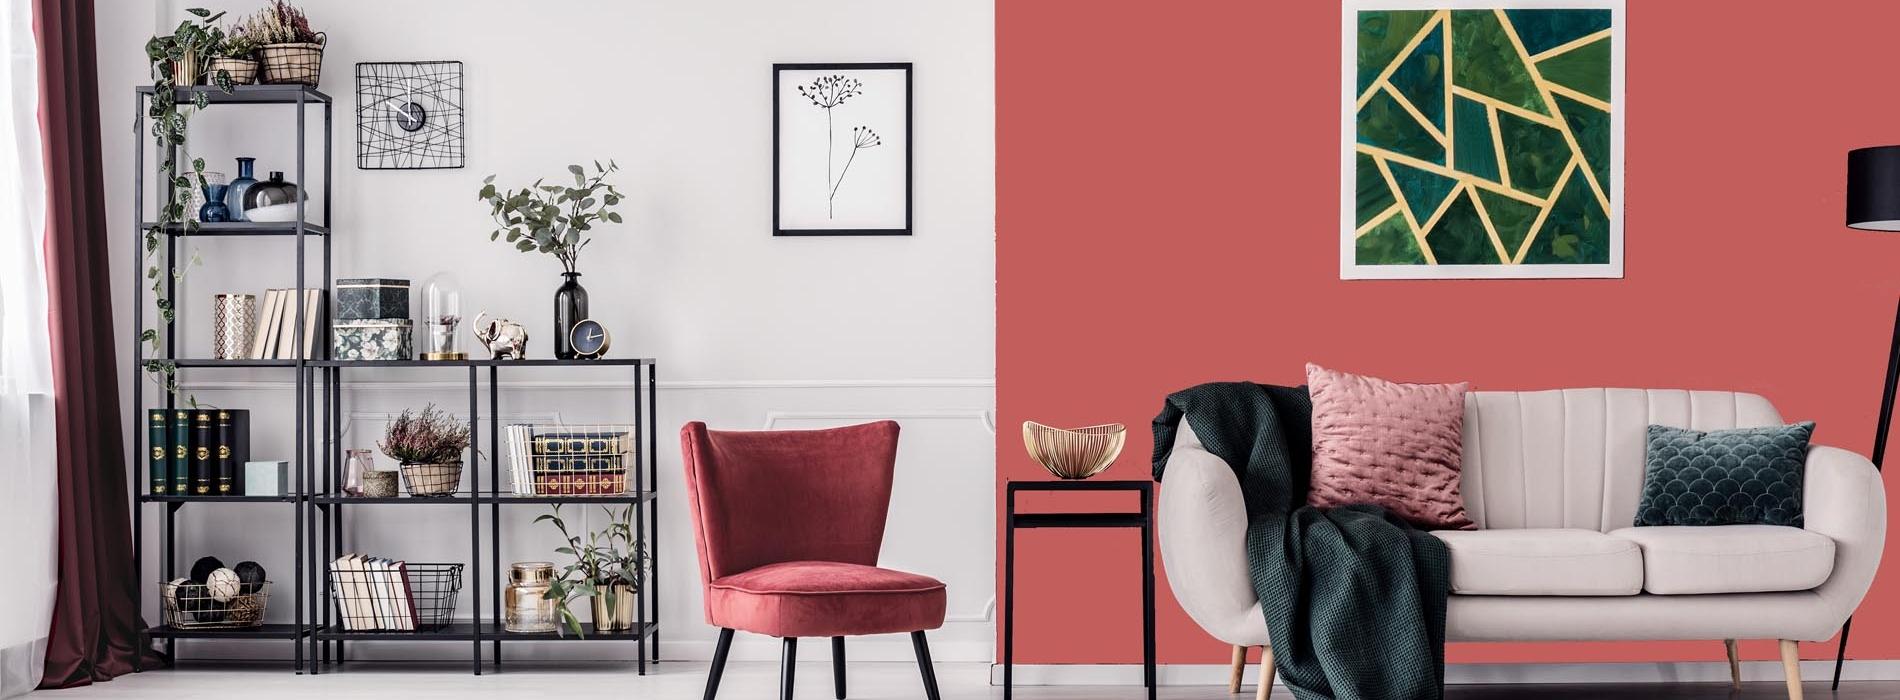 Los 8 colores con los que querrás pintar tu casa este otoño.